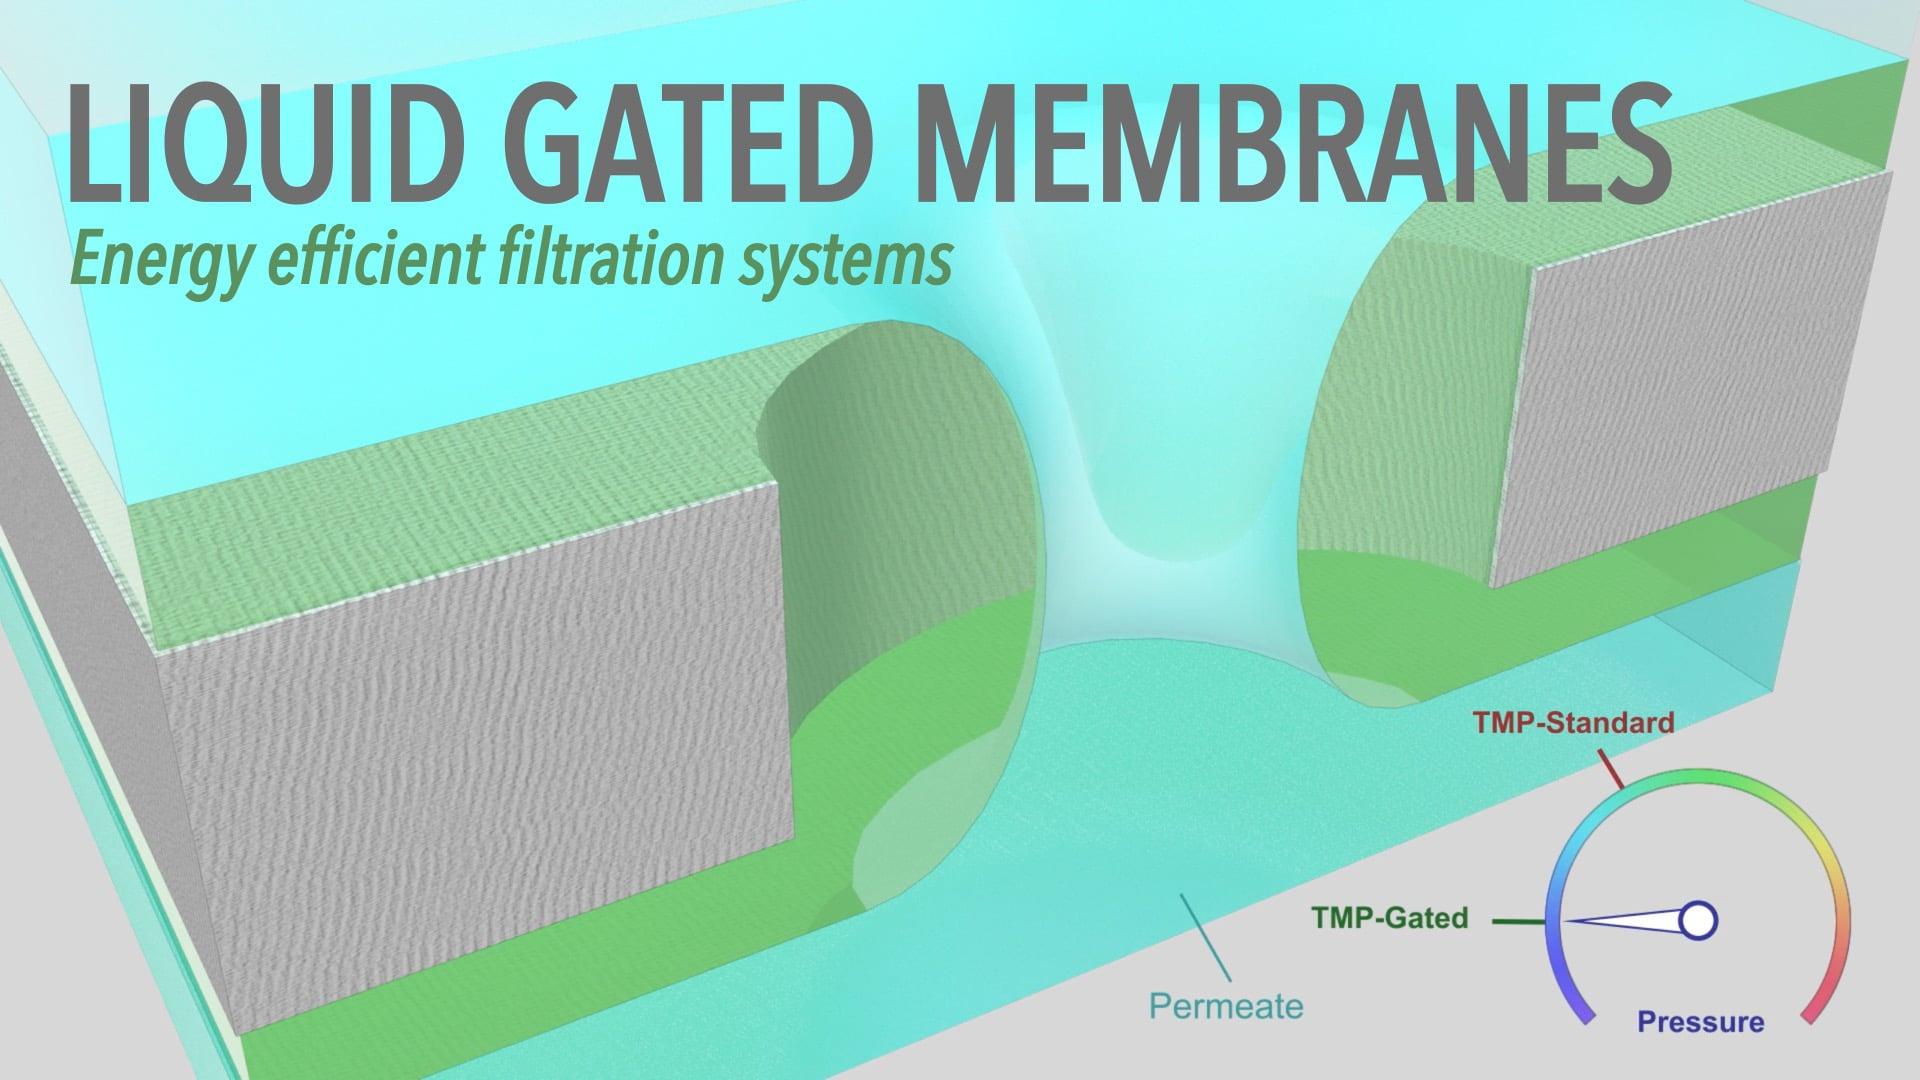 Liquid Gated Membranes